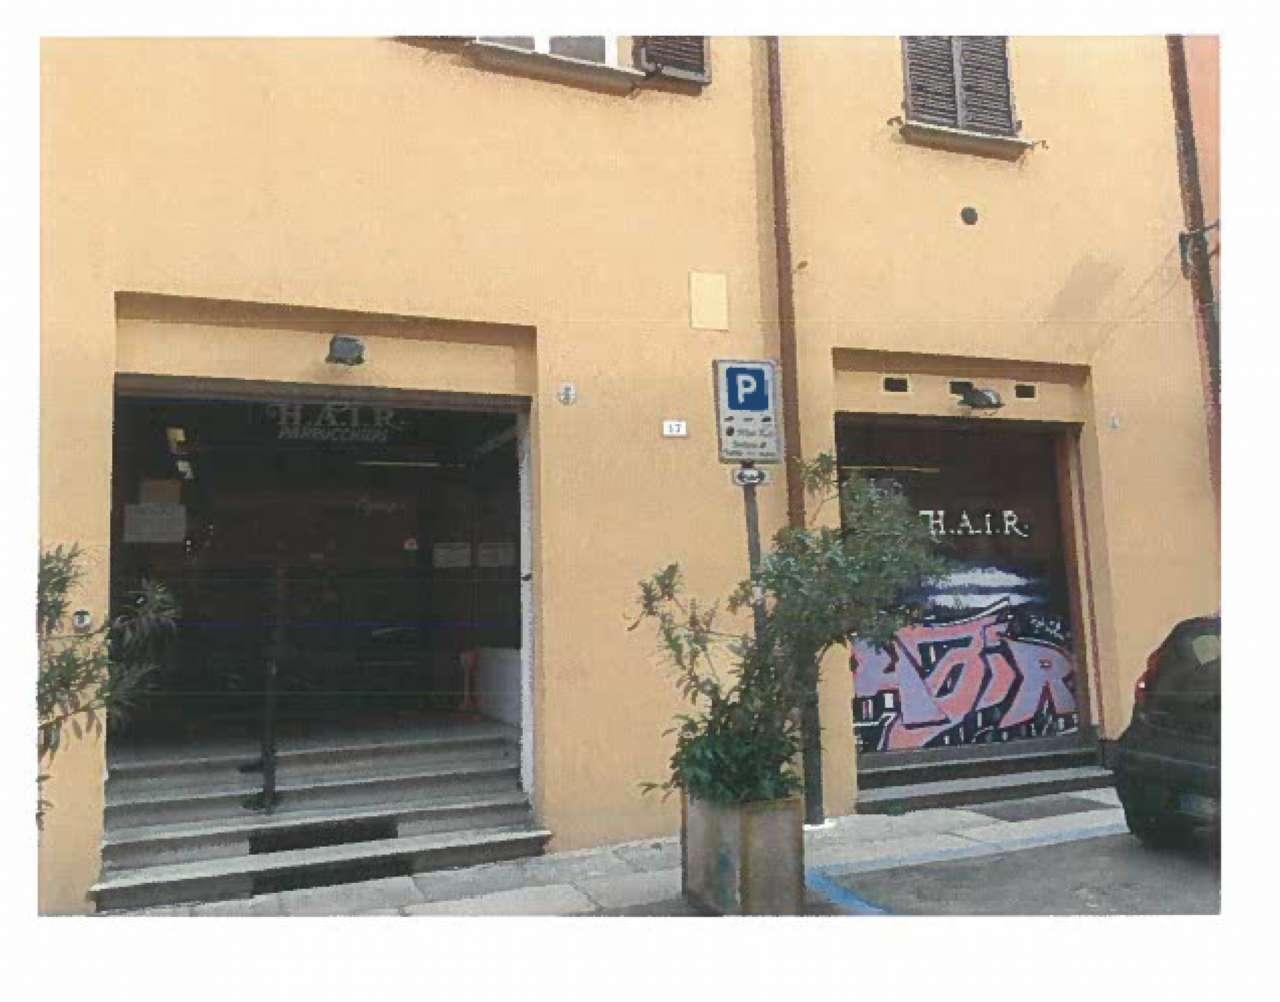 Negozio / Locale in affitto a Bologna, 1 locali, zona Zona: 1 . Centro Storico, prezzo € 2.600 | CambioCasa.it